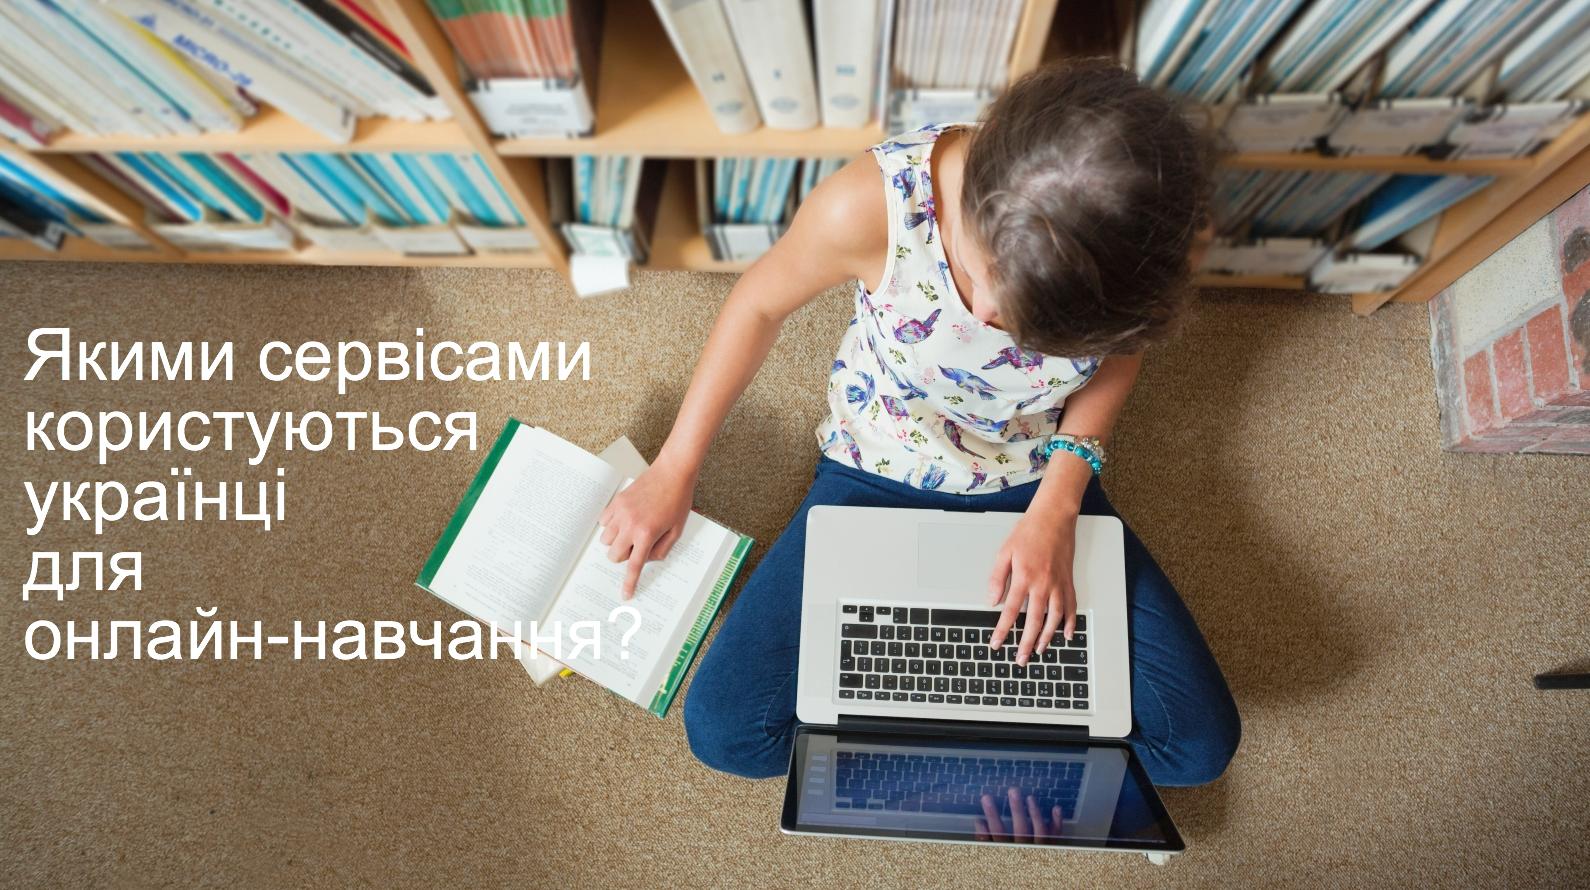 Якими освітніми онлайн-сайтами користуються українці?